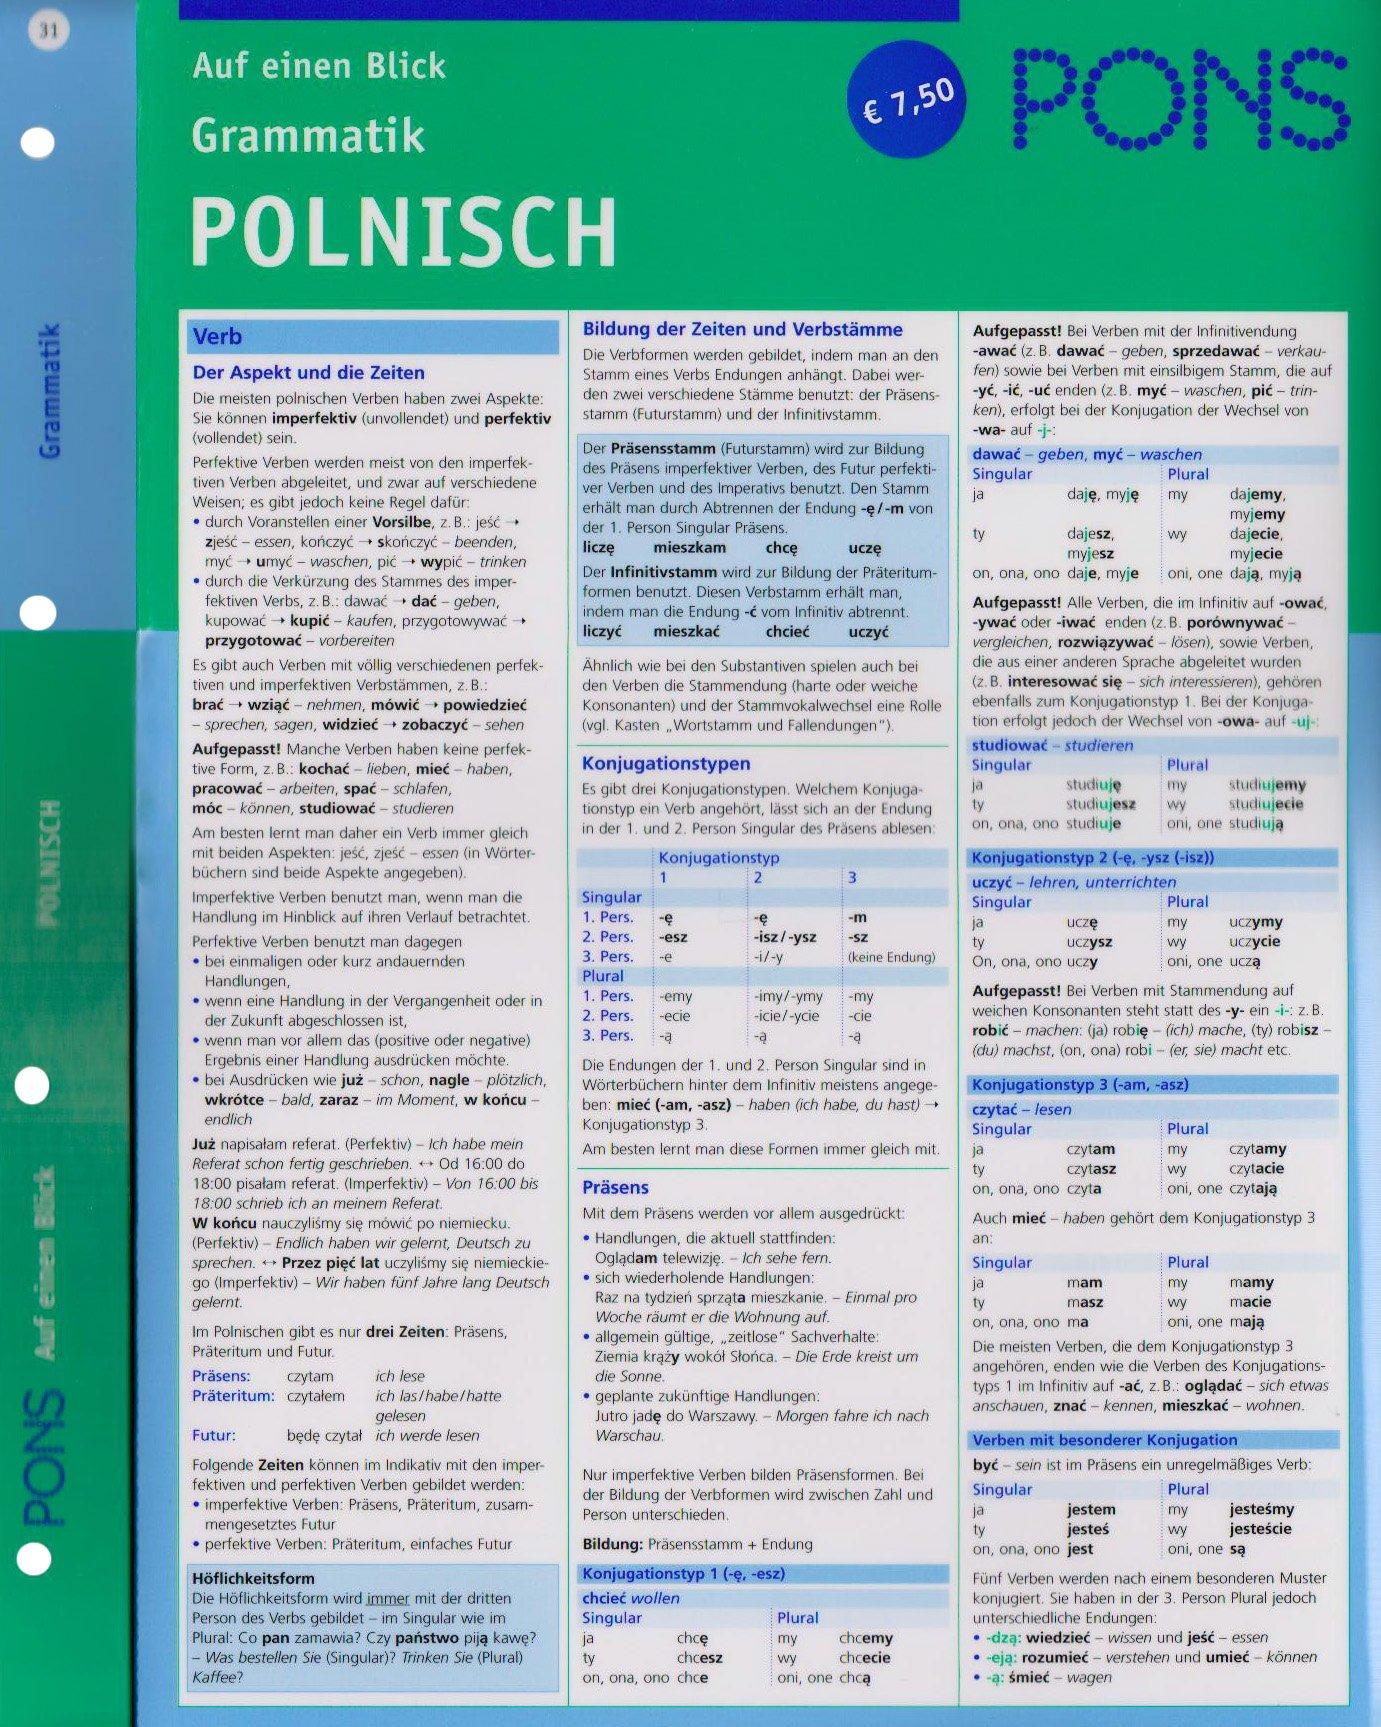 PONS Grammatik auf einen Blick Polnisch: kompakte Übersicht, Grammatikregeln nachschlagen